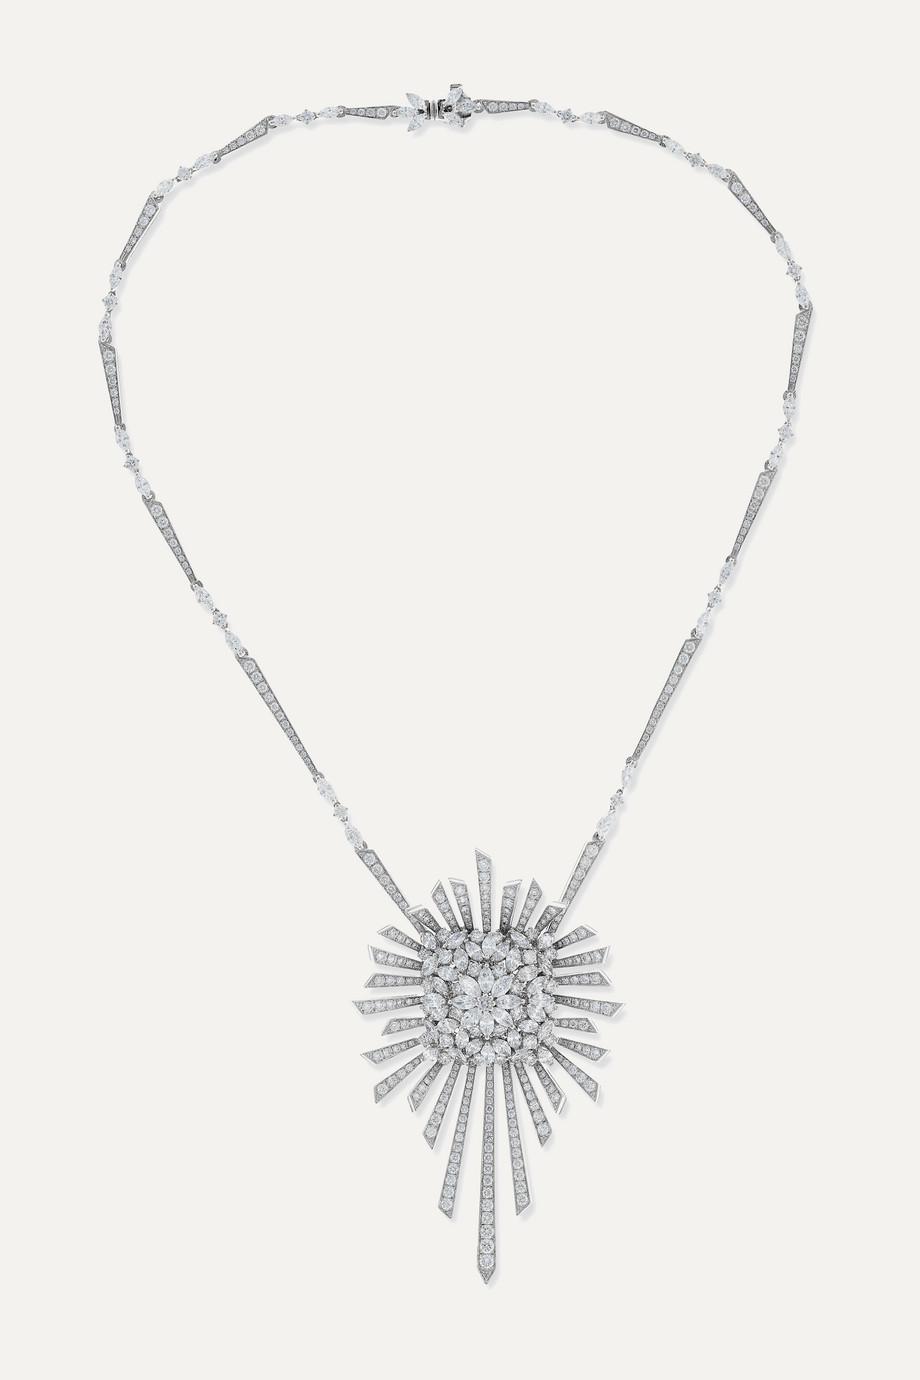 YEPREM Kette aus 18 Karat Weißgold mit Diamanten